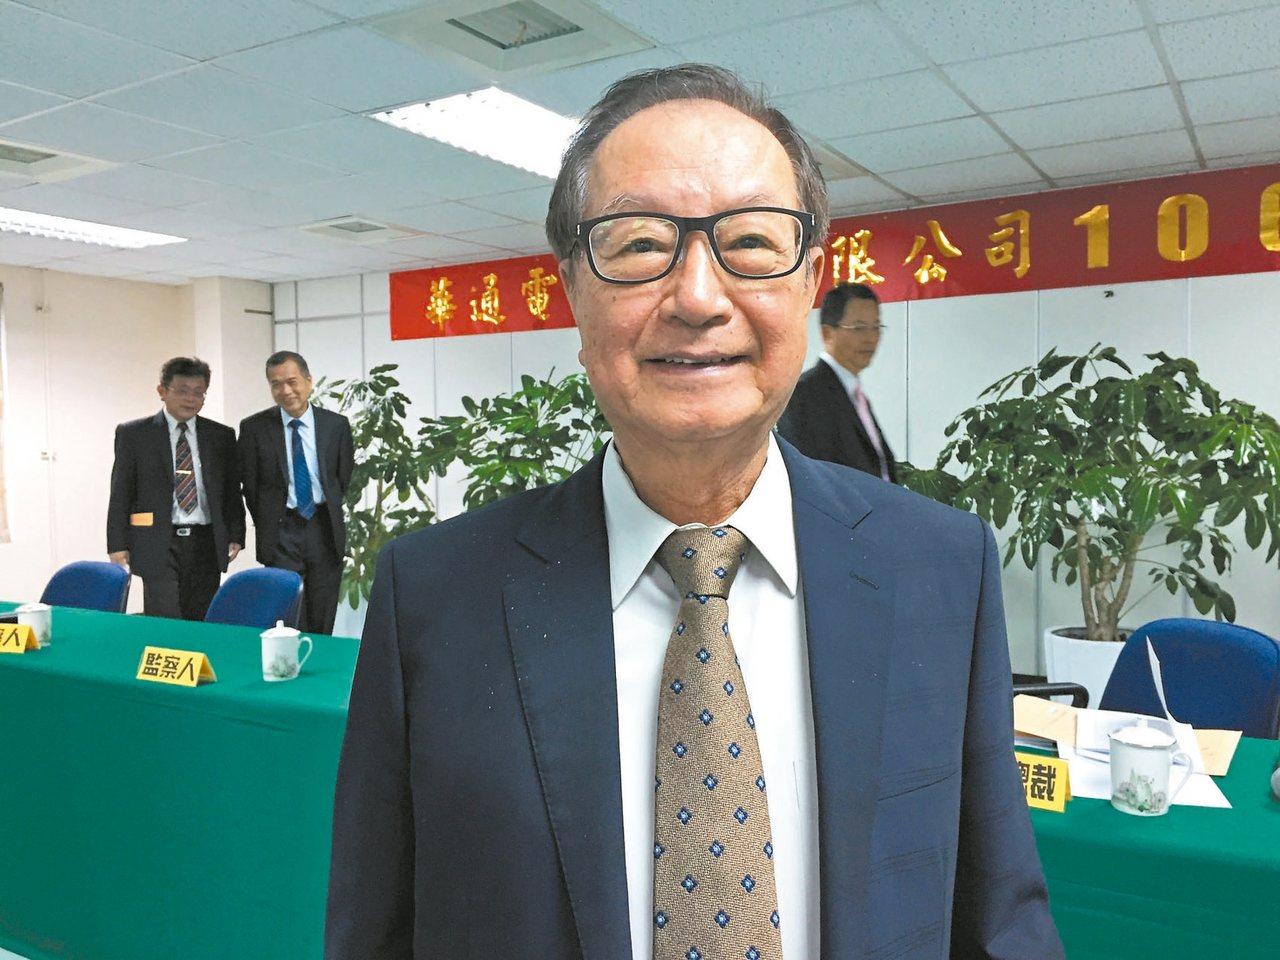 華通董事長吳健。 圖/聯合報系資料照片